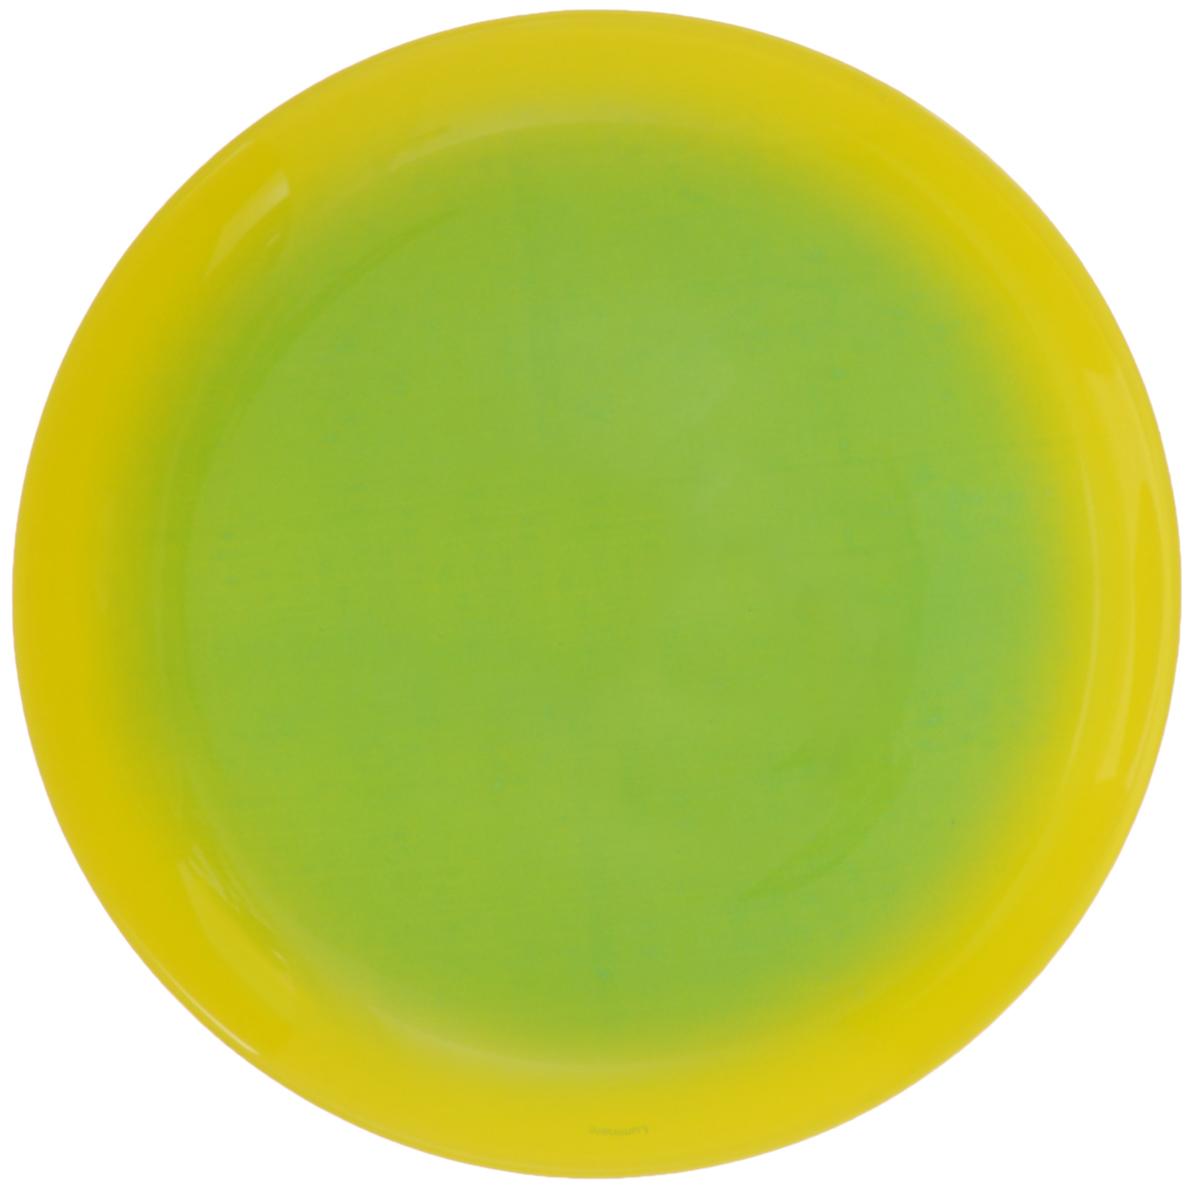 Тарелка десертная Luminarc Fizz Mint, диаметр 20 смG9521Десертная тарелка Luminarc Fizz Mint, изготовленная из ударопрочного стекла, имеет изысканный внешний вид. Такая тарелка прекрасно подходит как для торжественных случаев, так и для повседневного использования. Идеальна для подачи десертов, пирожных, тортов и многого другого. Она прекрасно оформит стол и станет отличным дополнением к вашей коллекции кухонной посуды. Диаметр тарелки (по верхнему краю): 20 см.